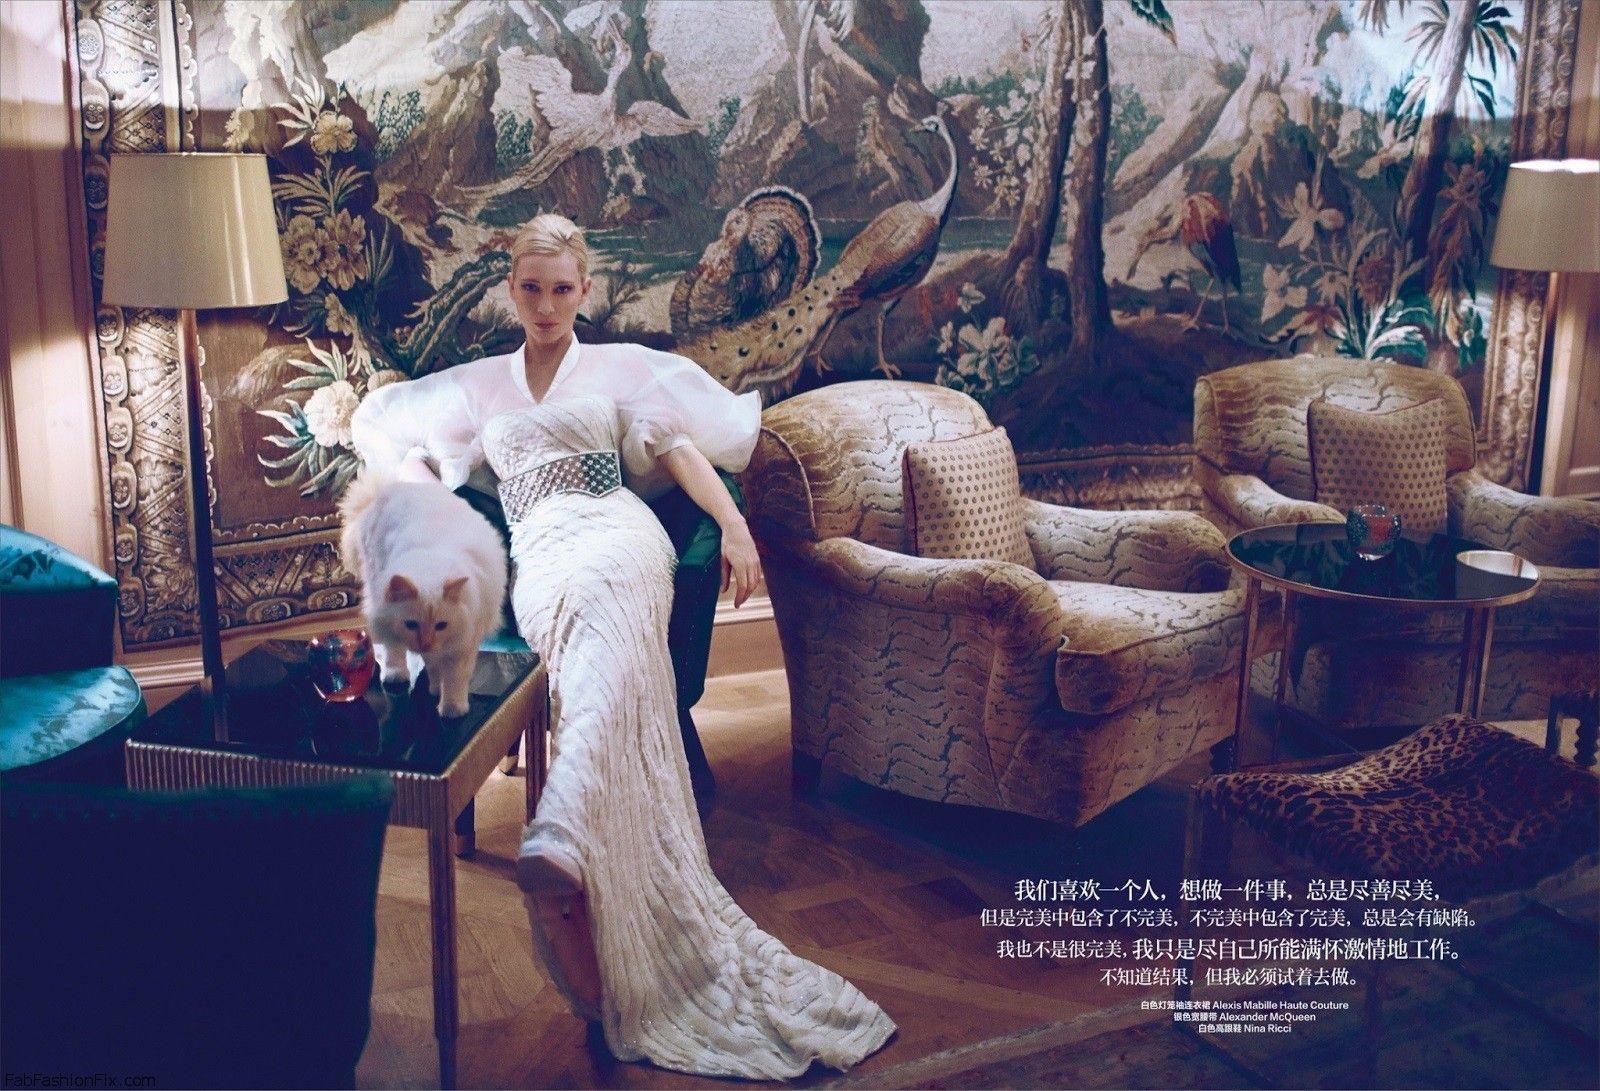 hb_china_11-13_006